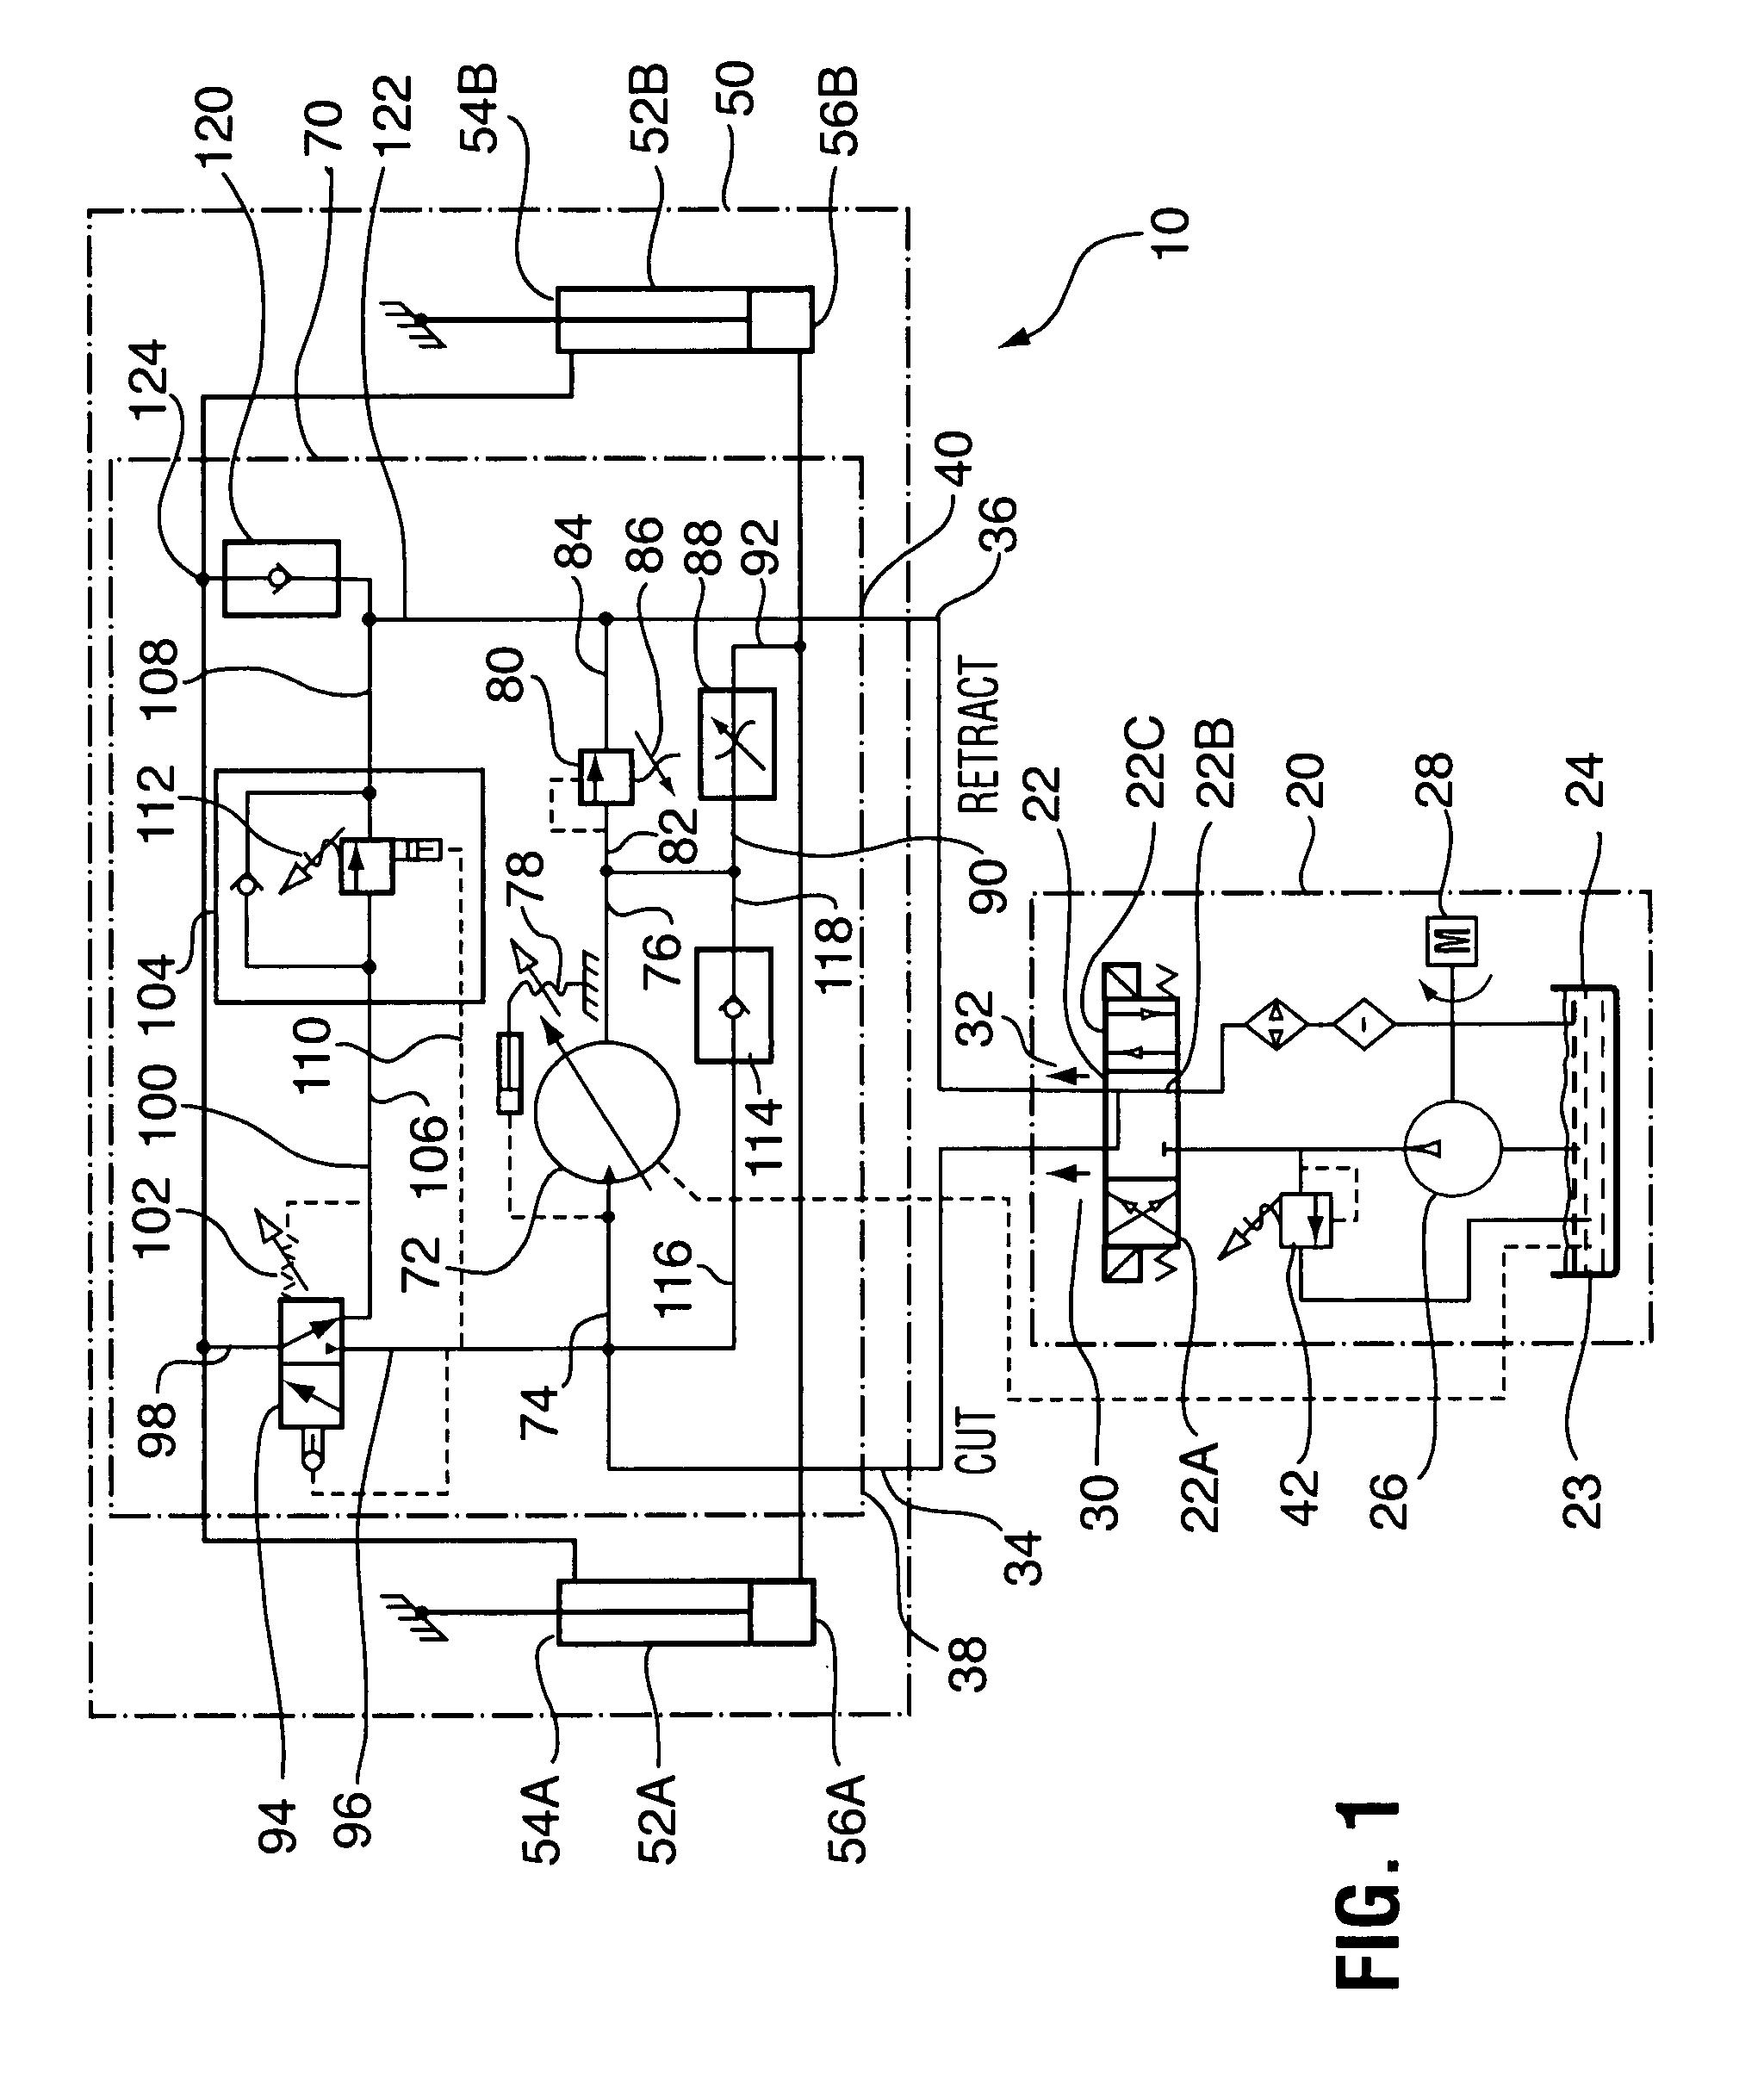 vermeer grinder wiring diagram case wiring diagram wiring